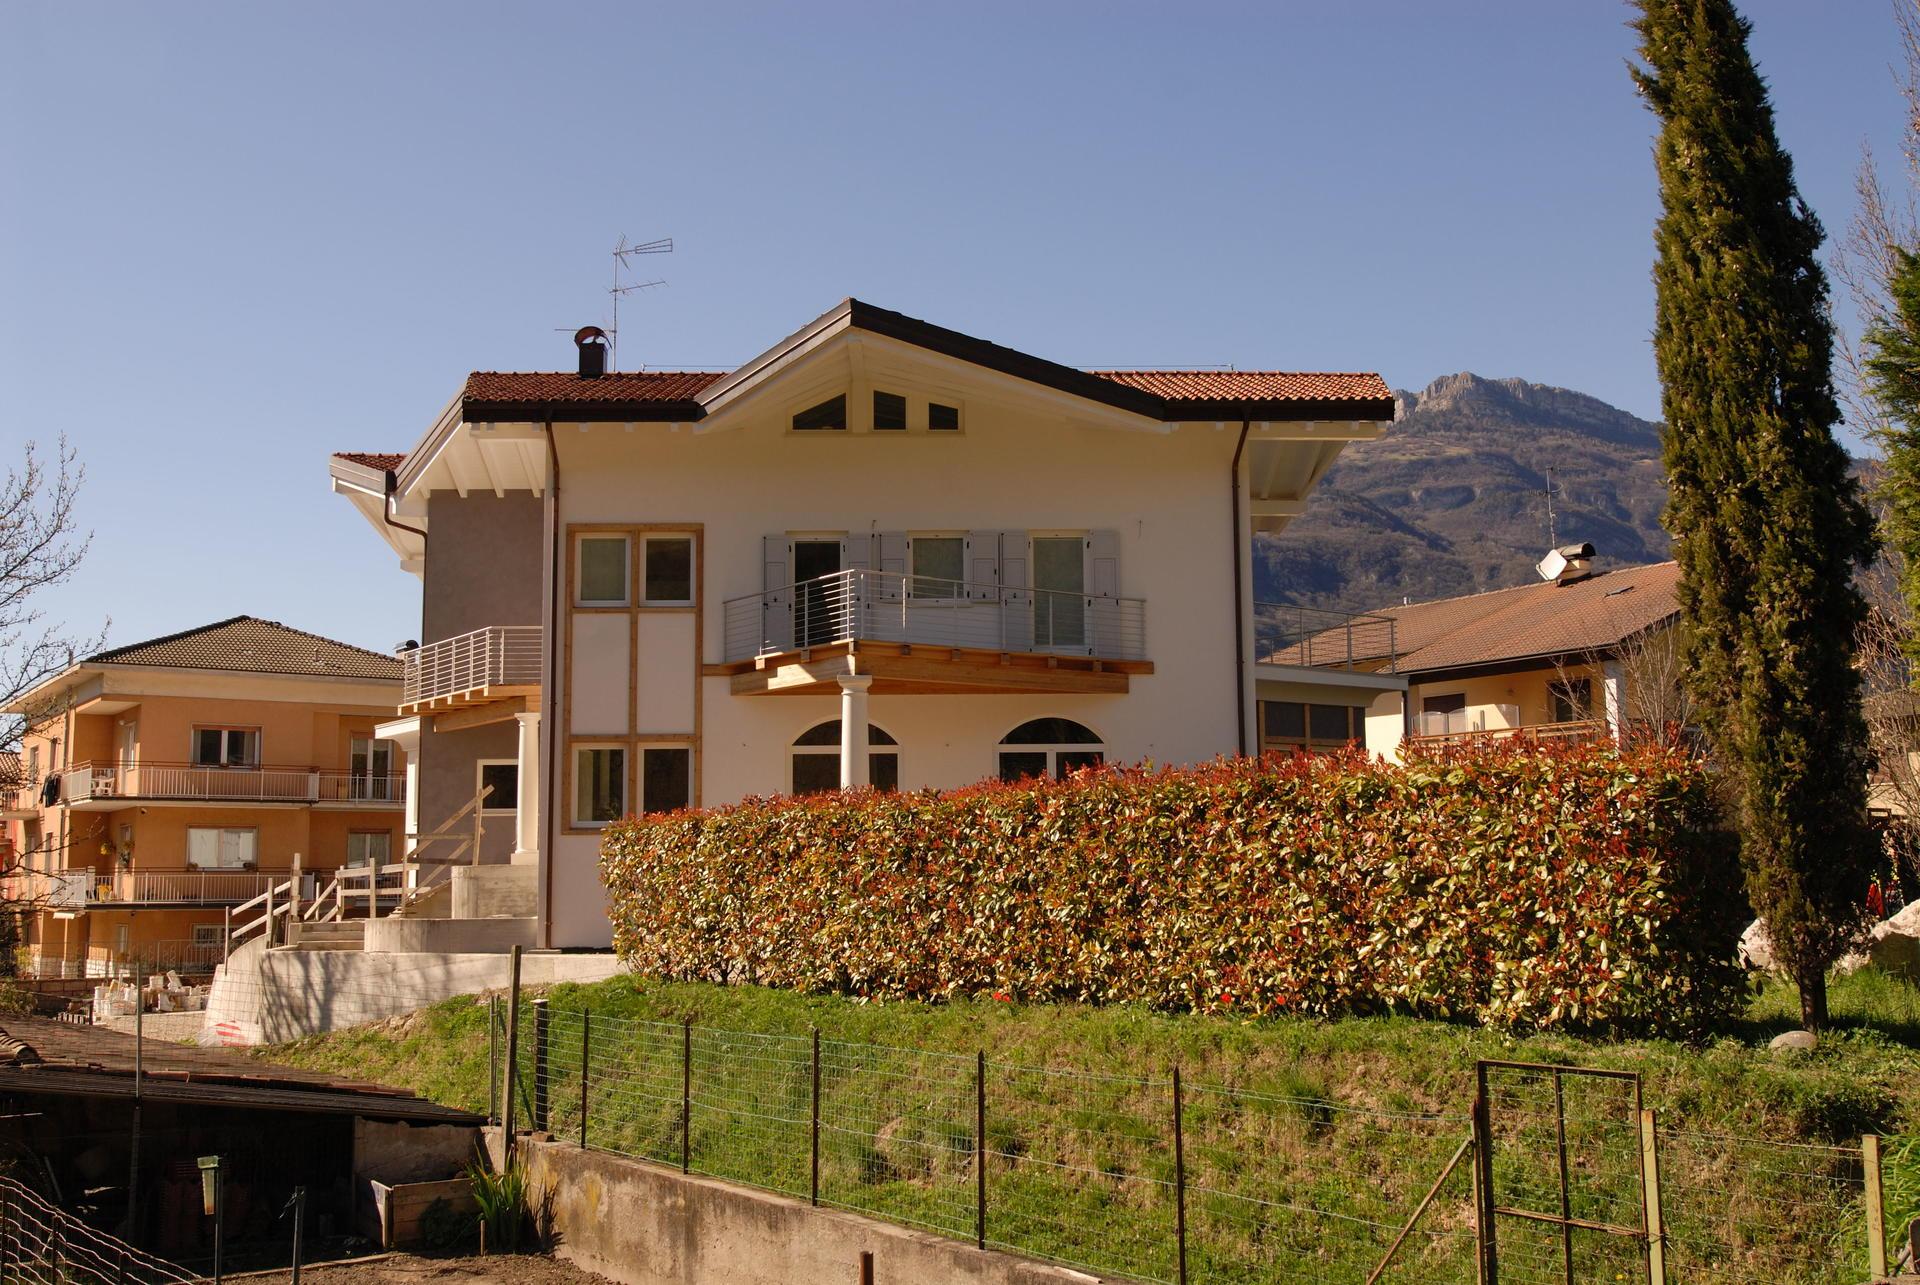 Case In Tronchi Di Legno Trentino : Anzelini legnami srl è un azienda trentina che si occupa di